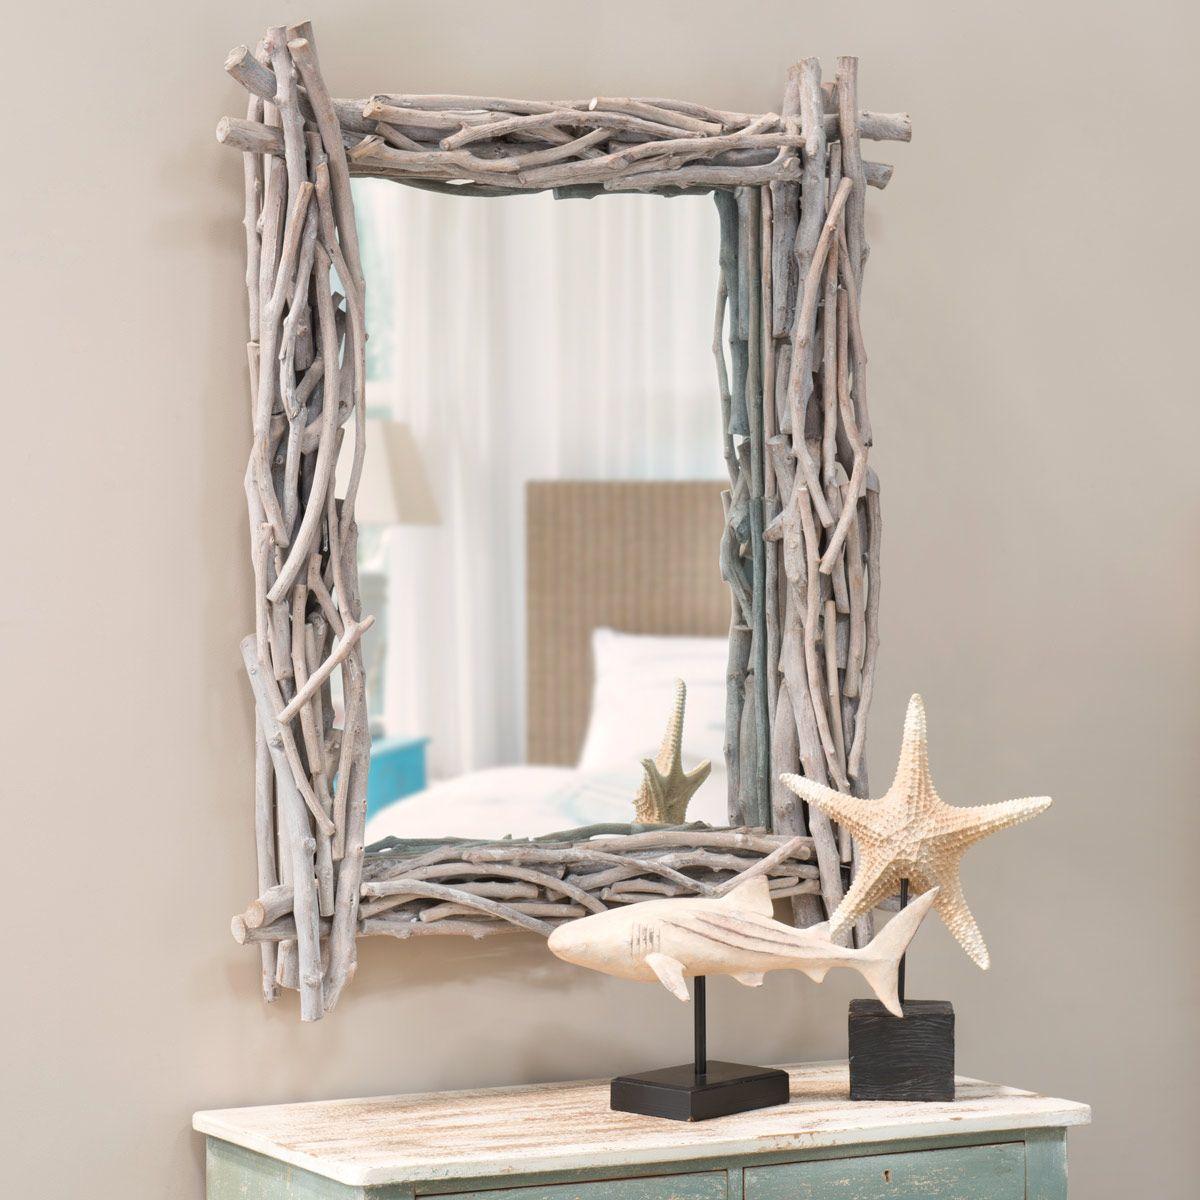 Miroir en bois flotté H 113 cm | Miroir en bois flotté, Miroir en ...